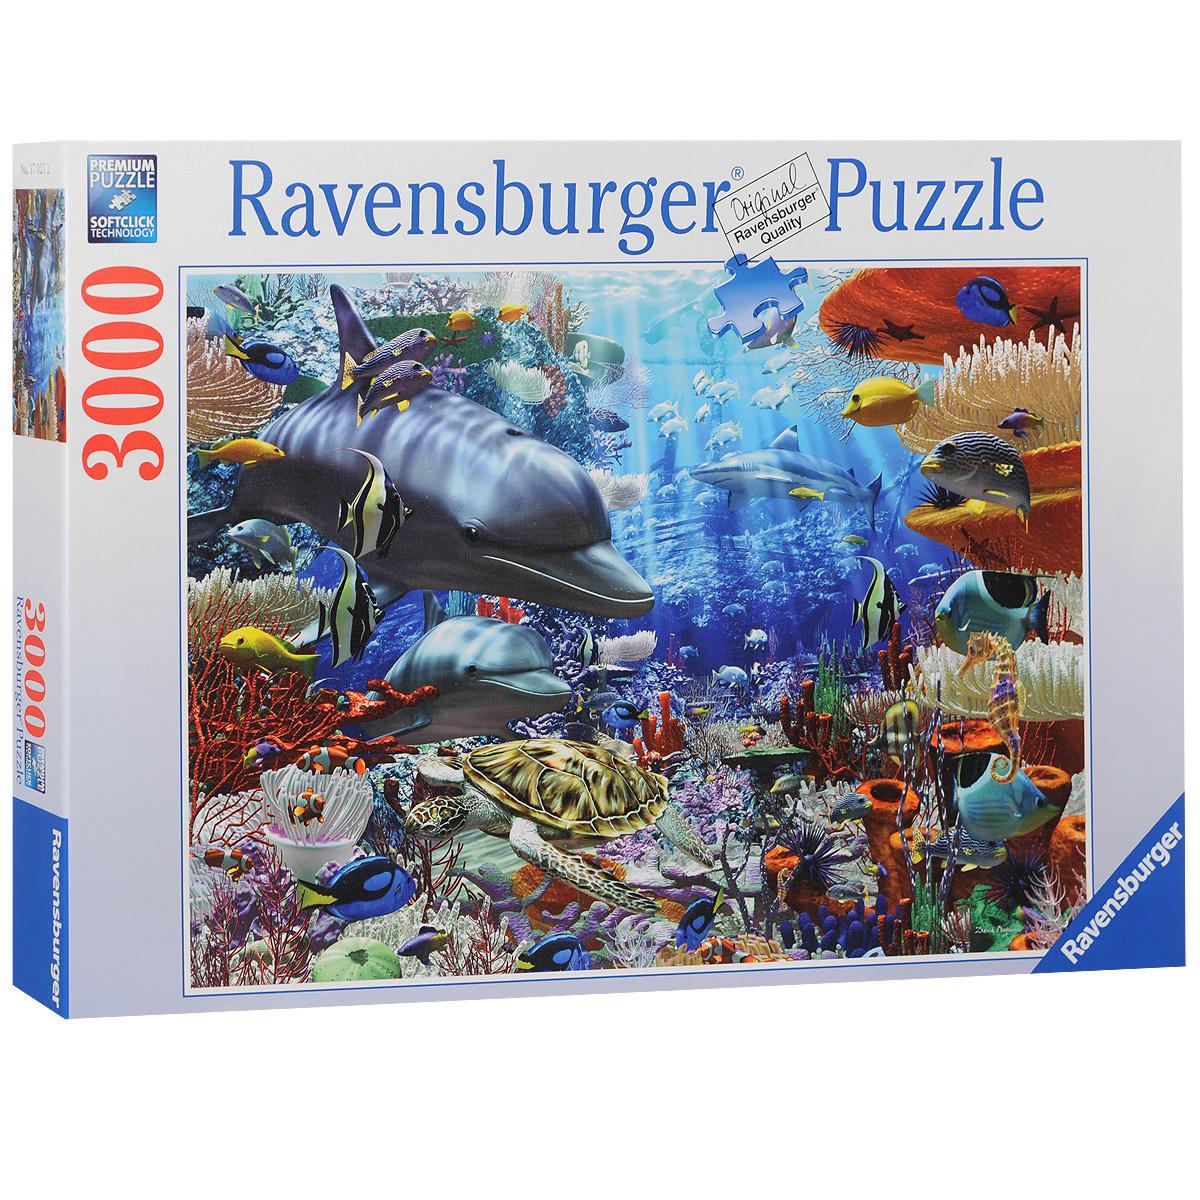 Ravensburger Дельфины. Пазл, 3000 элементов